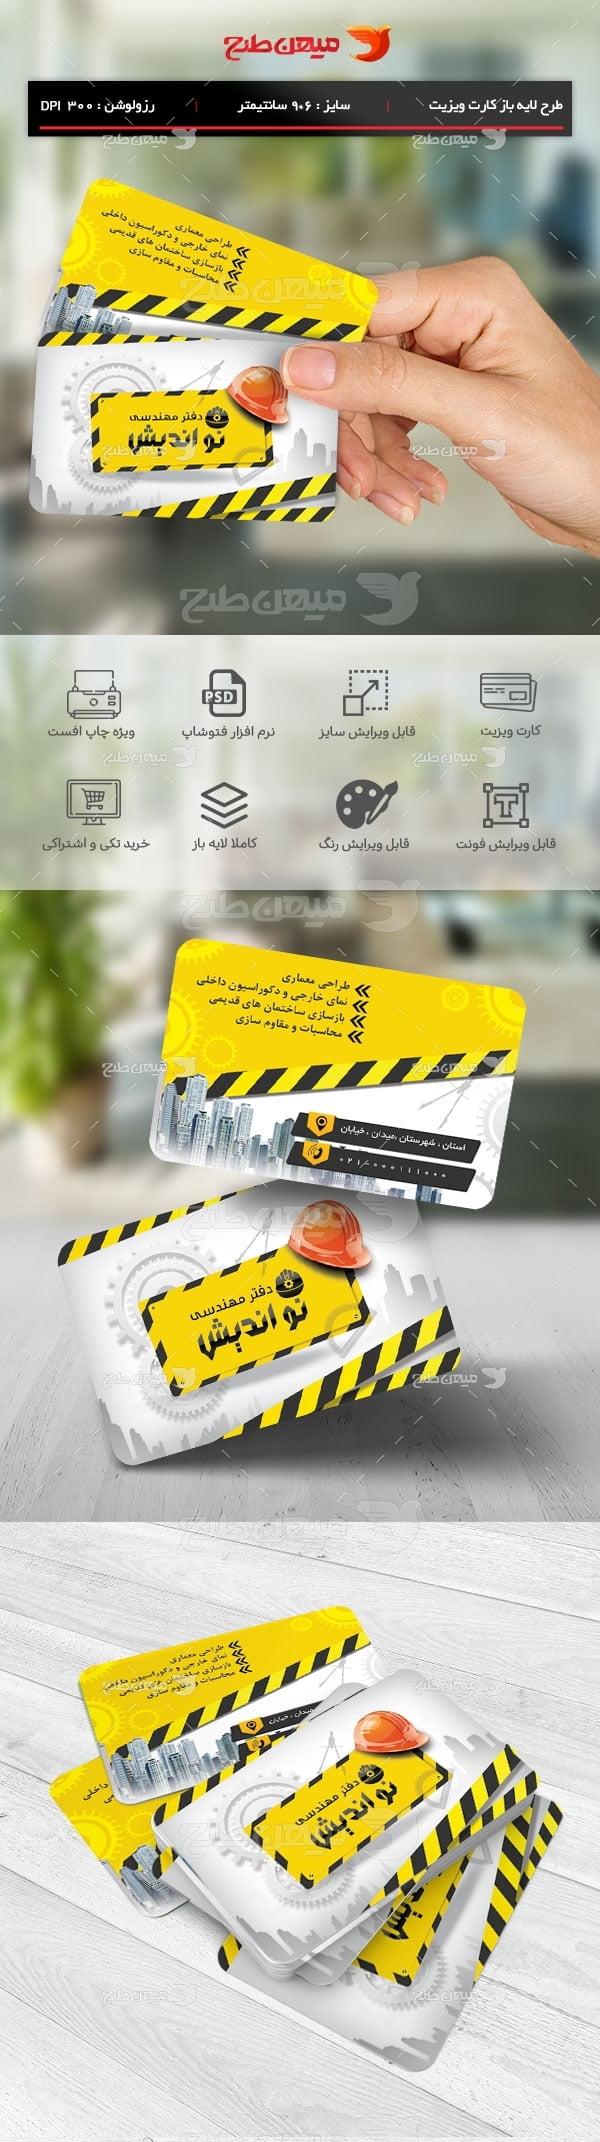 طرح لایه باز کارت ویزیت دفتر فنی مهندسی